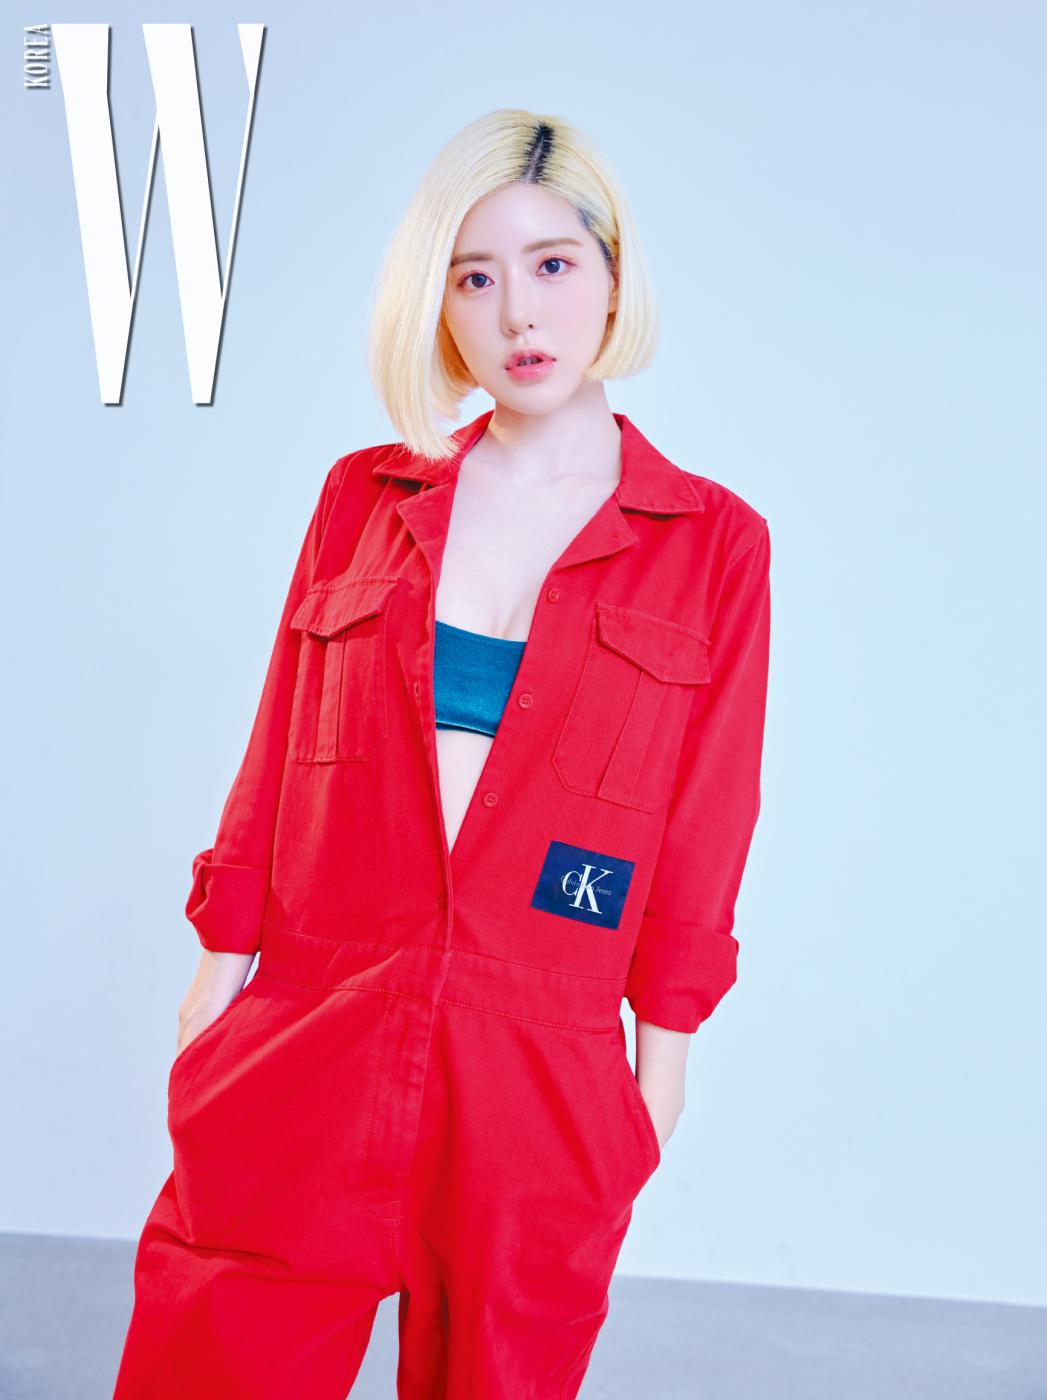 빨강 오버올은 캘빈클라인 진스, 안에 입은 벨벳 브라톱은 H&M 제품.